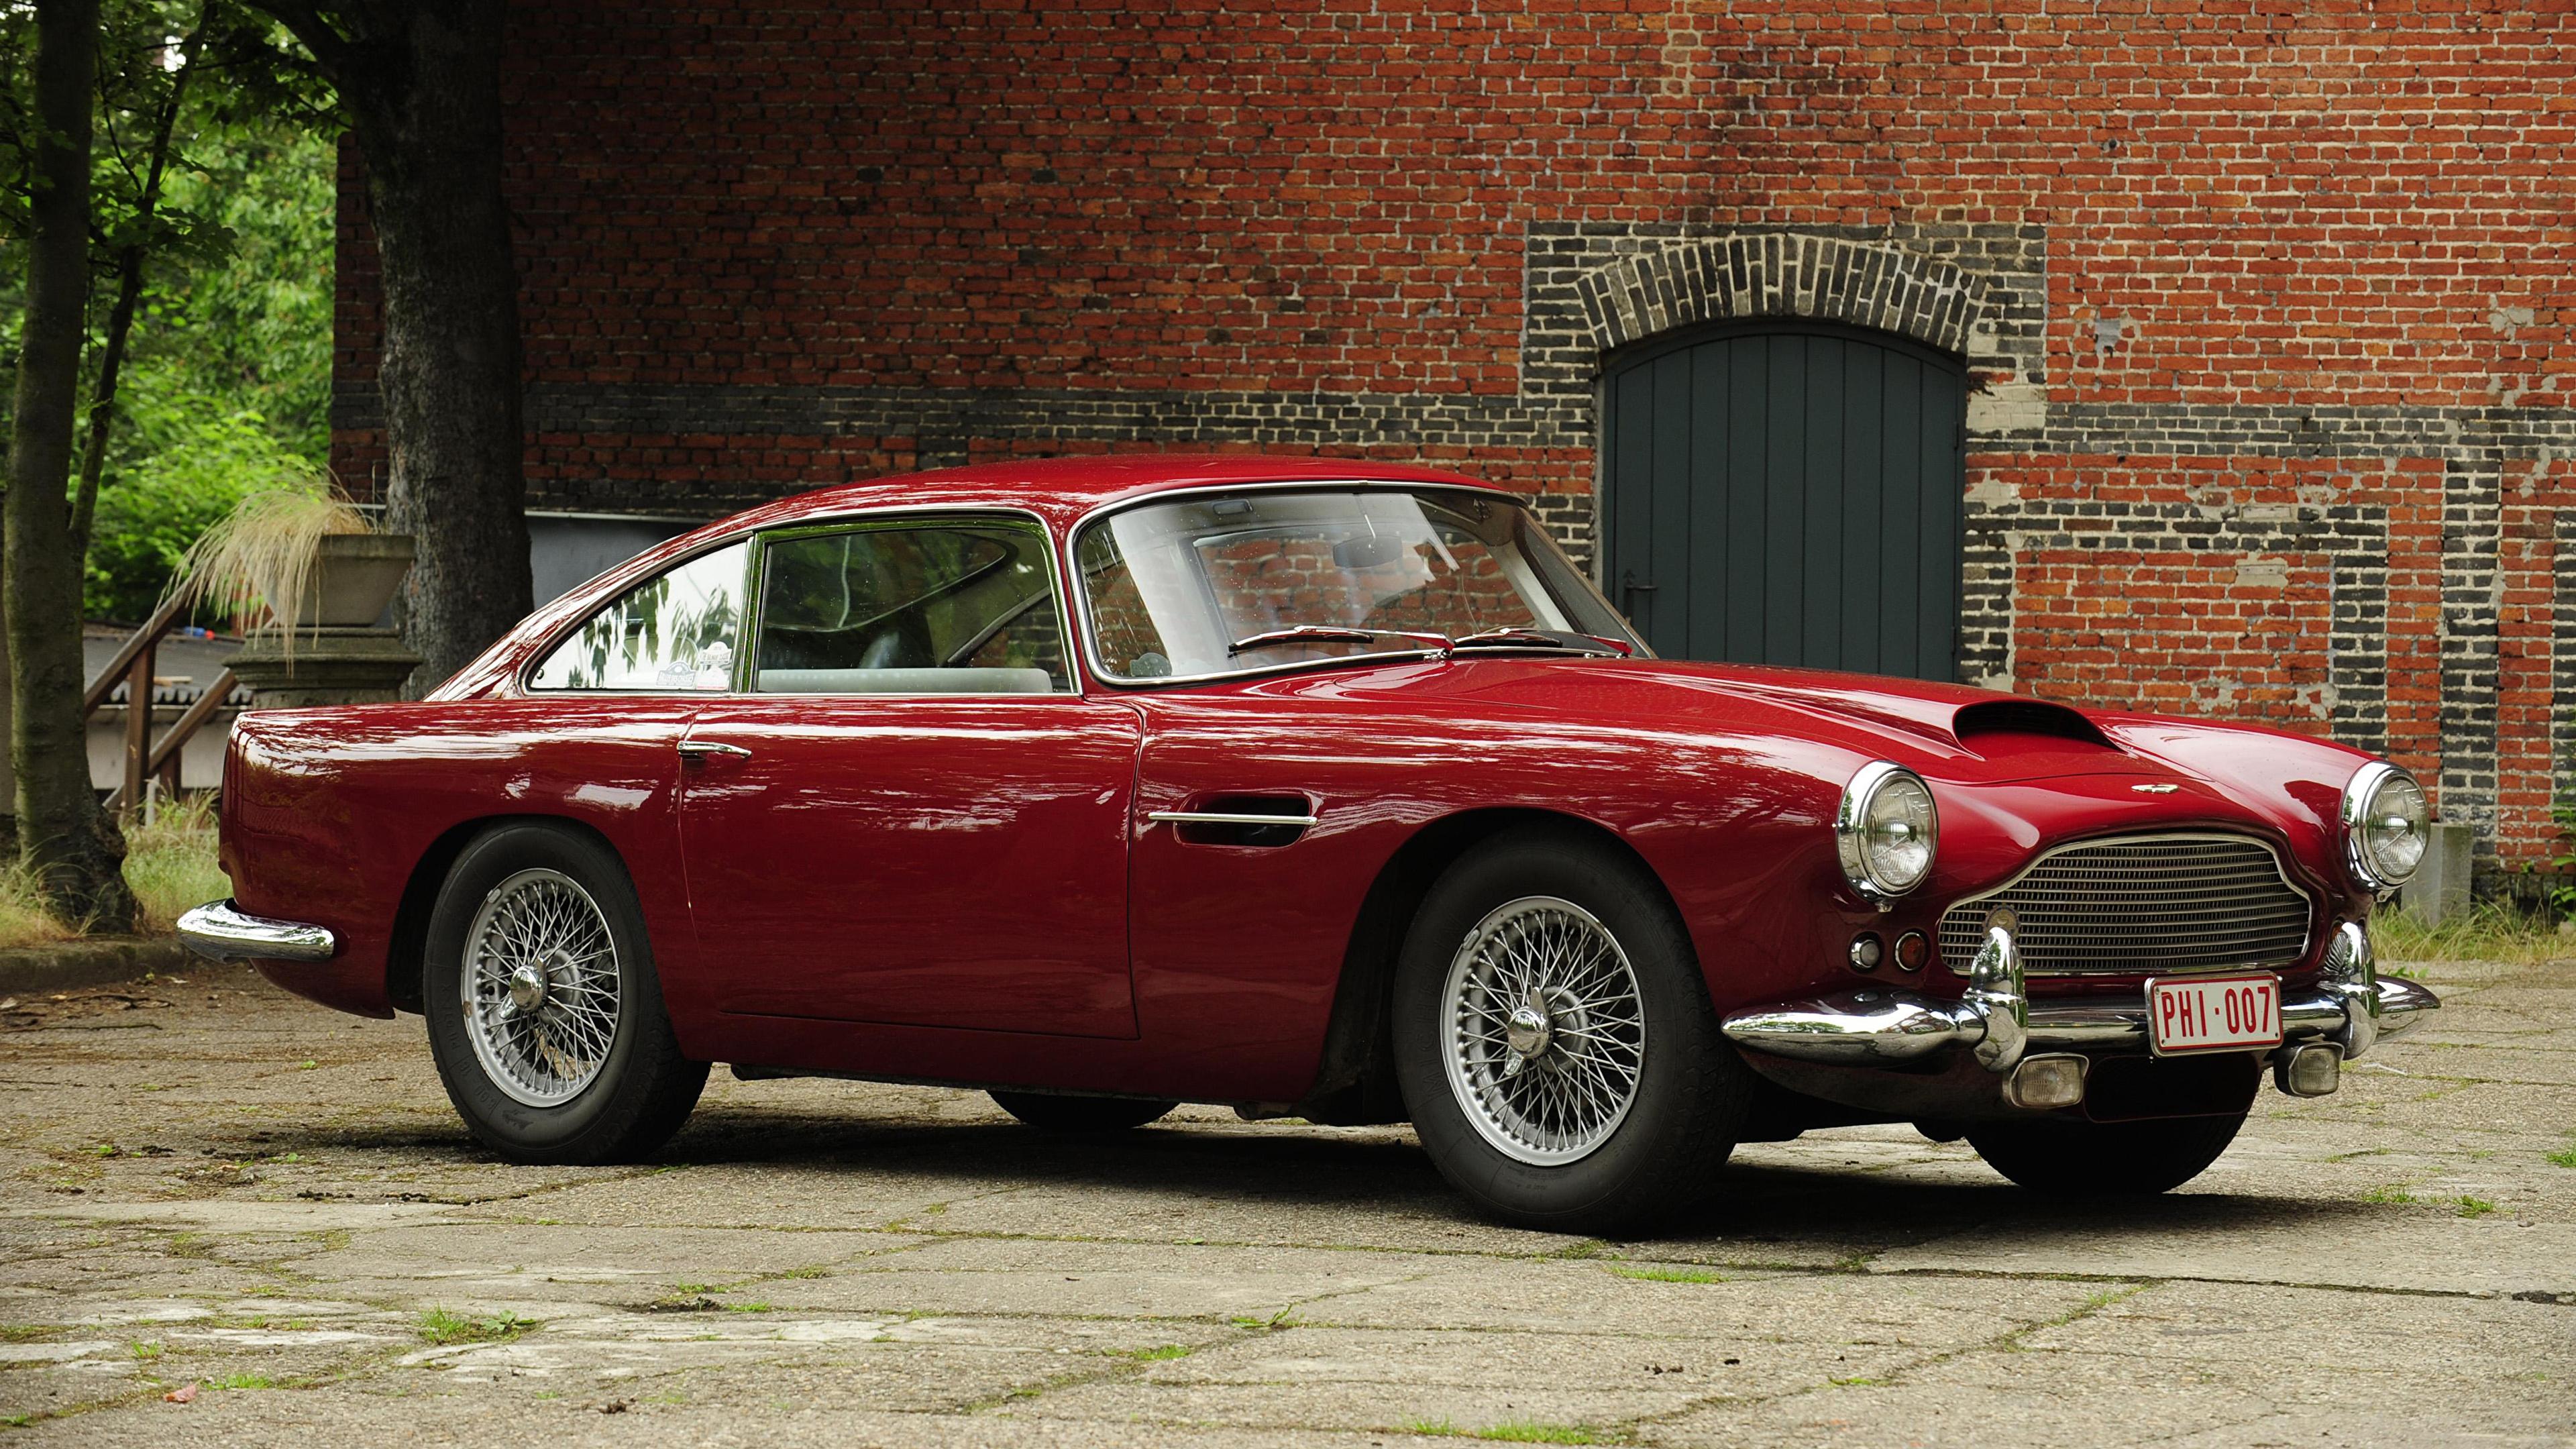 Fondos De Pantalla 3840x2160 Retro Aston Martin 1960 61 Db4 Worldwide Touring Metalico Rojo Coches Descargar Imagenes